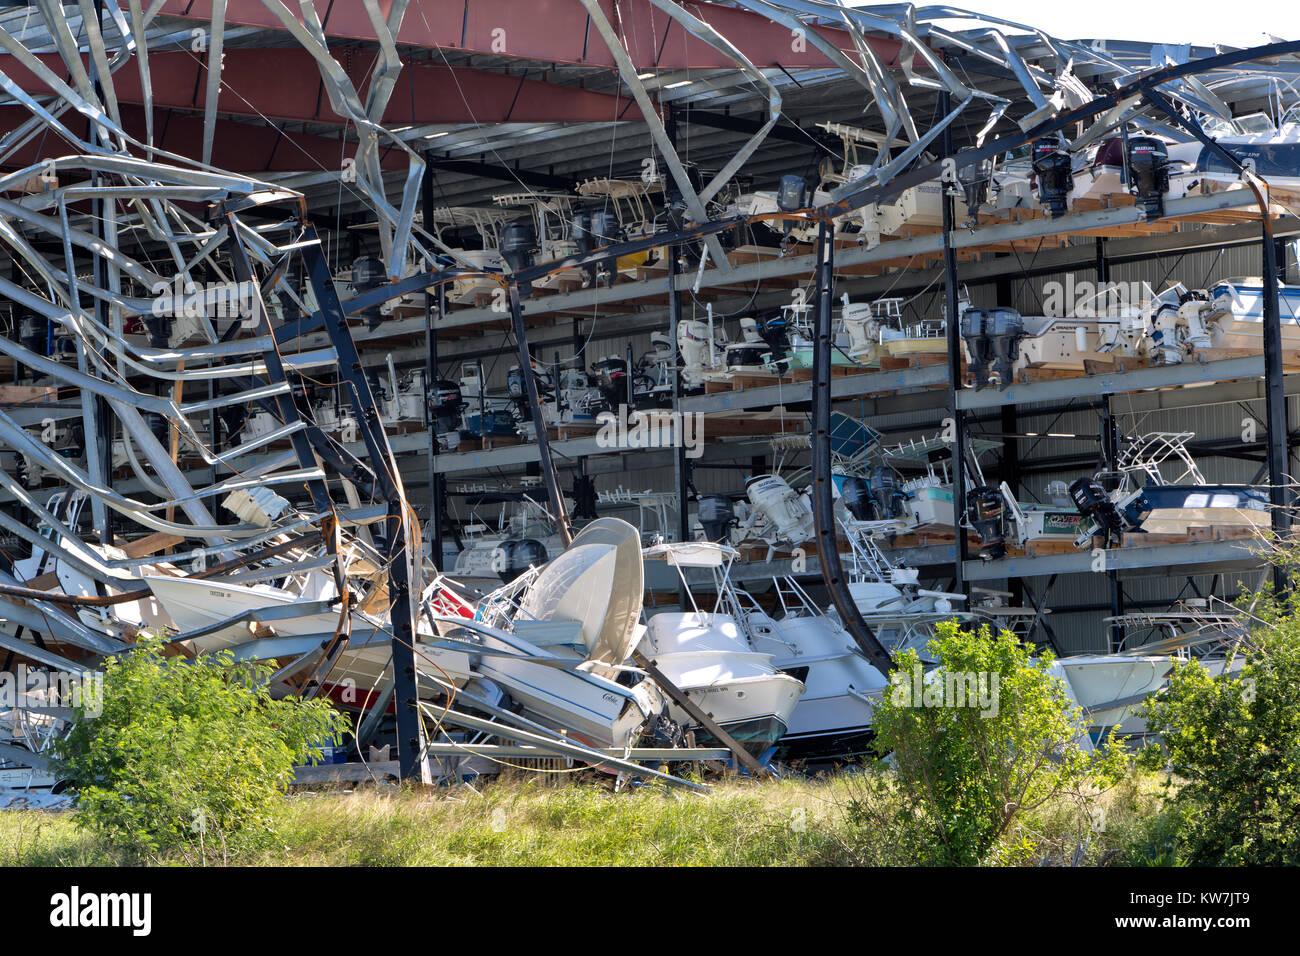 Hurricane 'Harvey'   2017  storm damage. - Stock Image